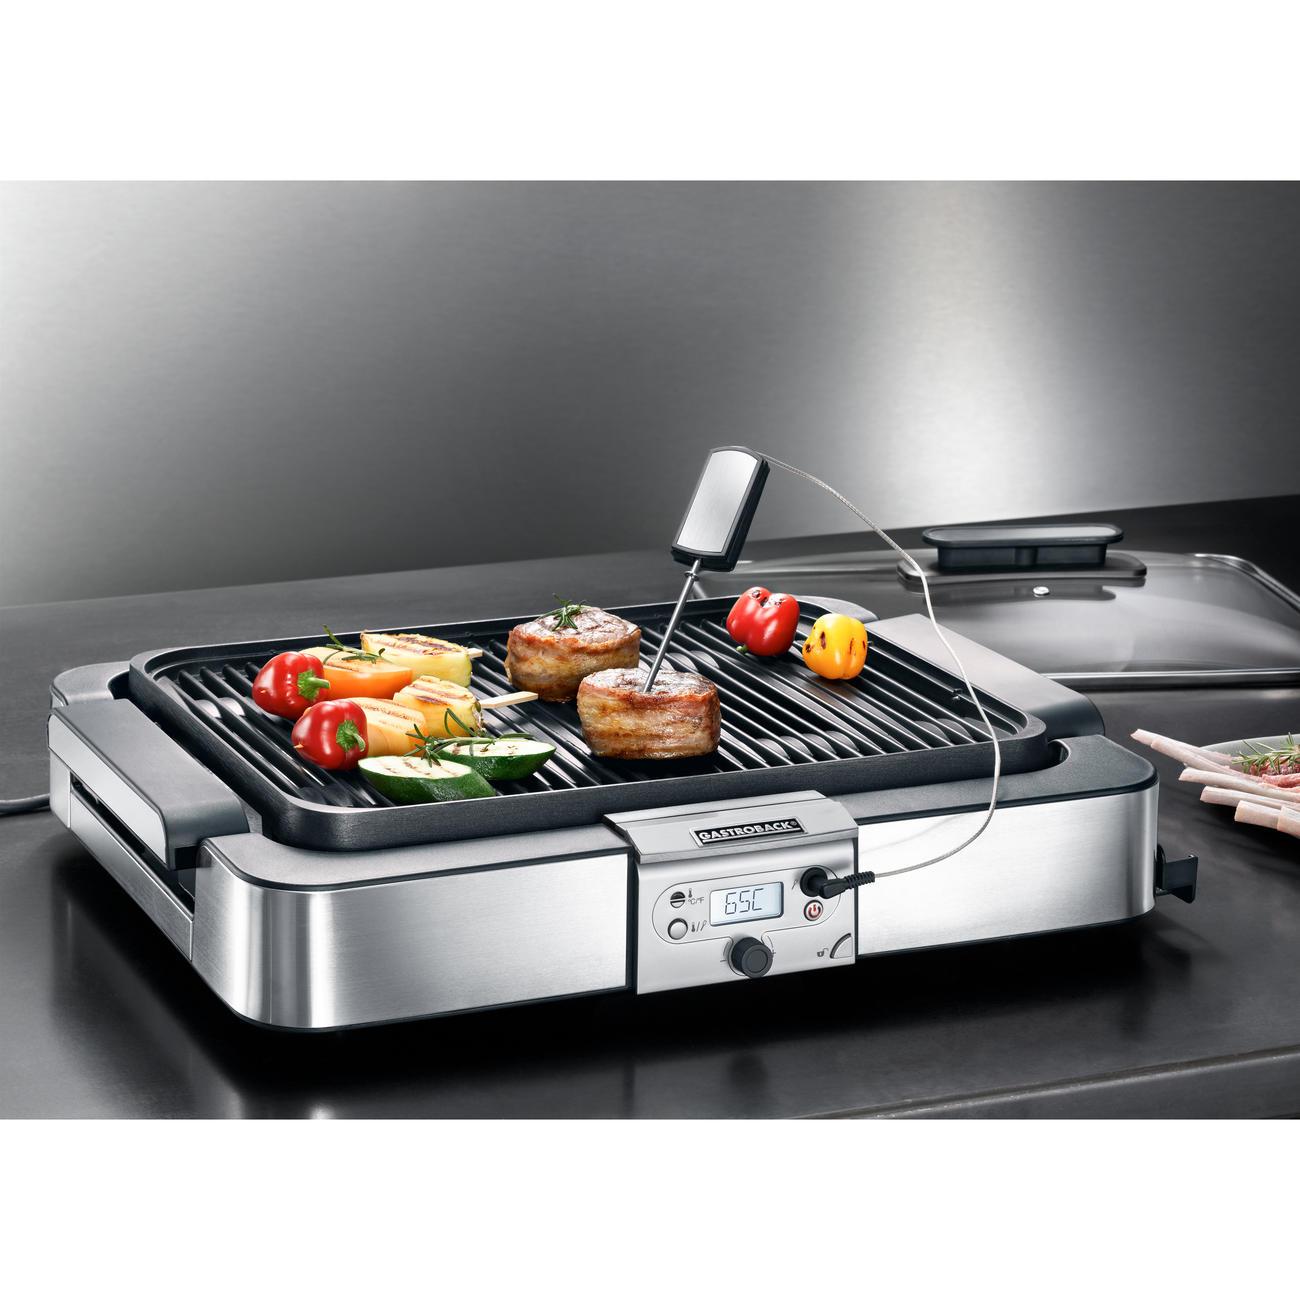 gastroback design tisch grill advanced tischgrill 42531